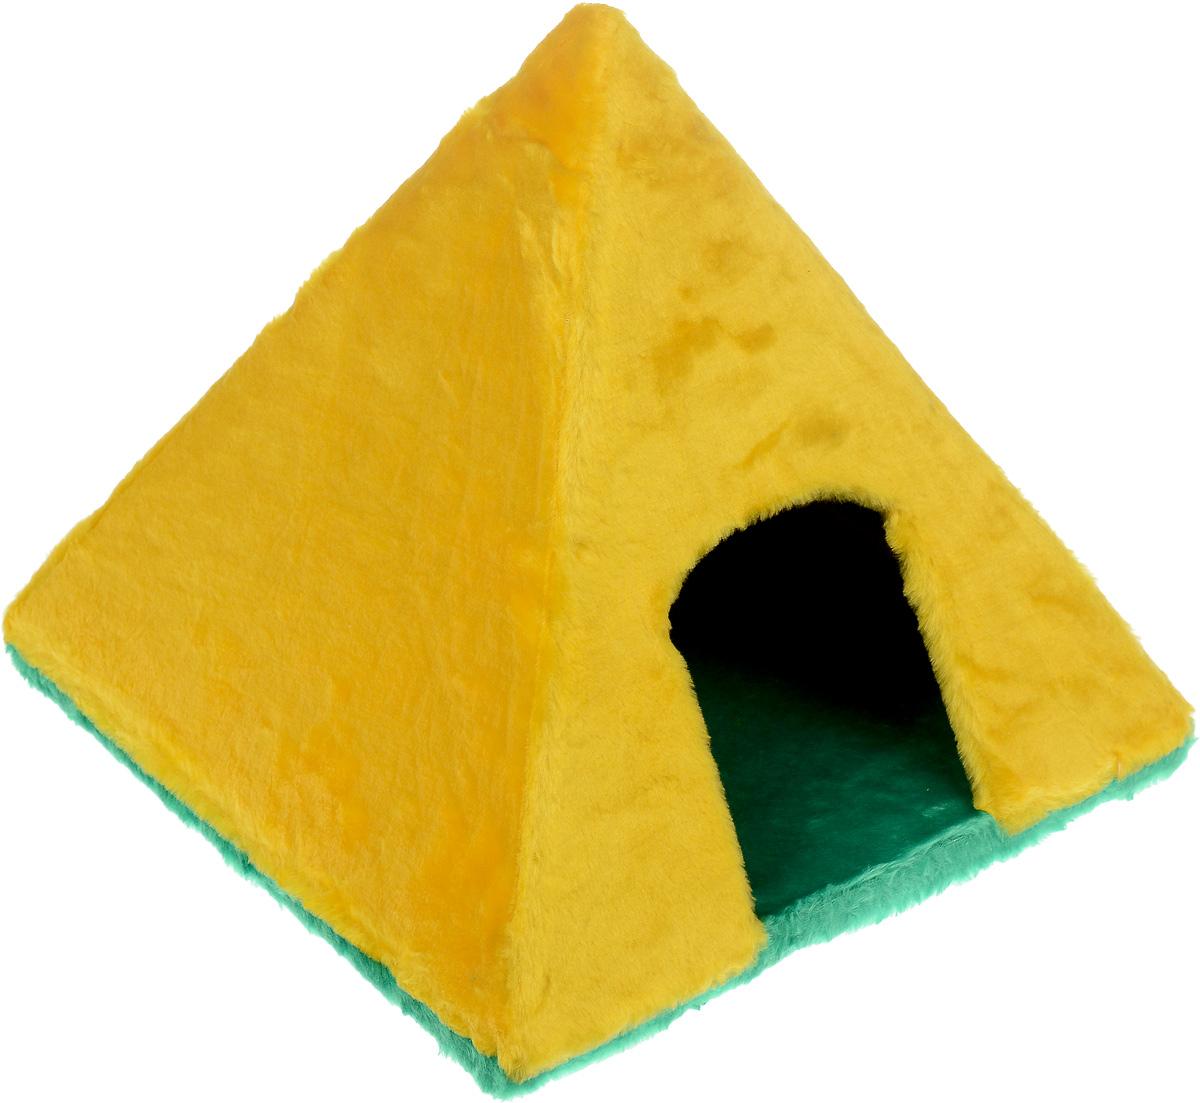 Домик для животных ЗооМарк Пирамидка, 41 х 41 х 37 см подставка для ноутбука